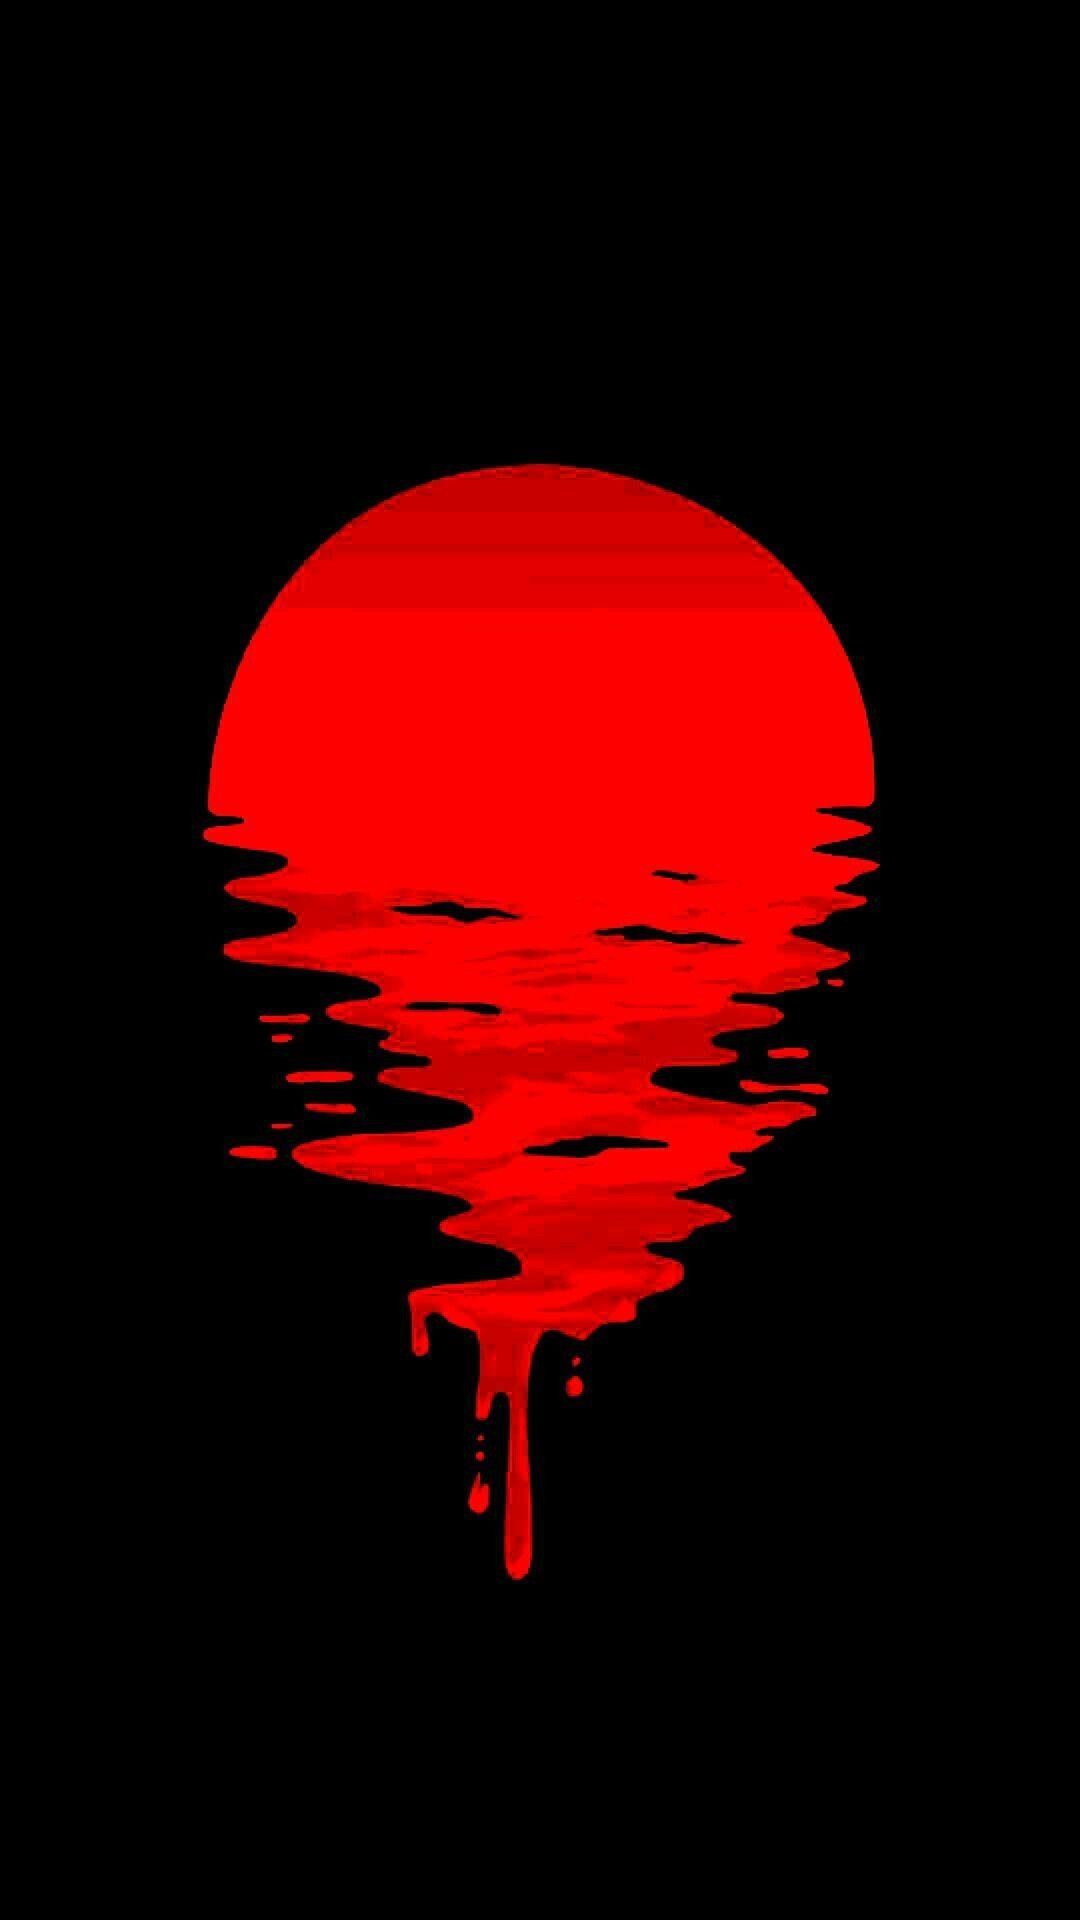 Black N Red Redwallpaper Redwallpaperaesthetic Redwallpaperiphone Redwallpapertum Red And Black Wallpaper Black Aesthetic Wallpaper Red Wallpaper